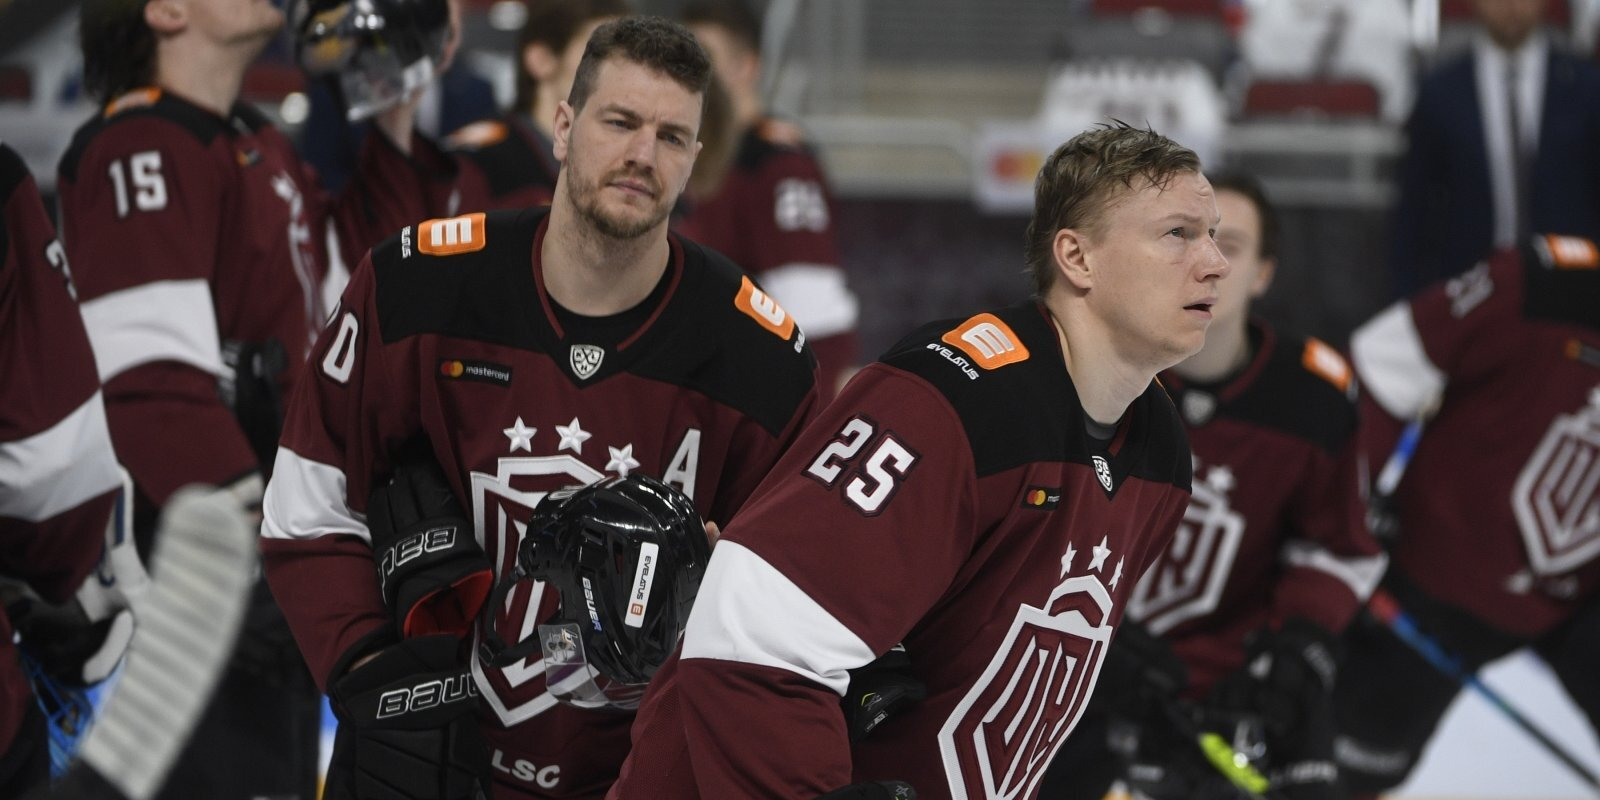 Murgs ir aiz muguras. Kā izskatījās Rīgas 'Dinamo' sezona